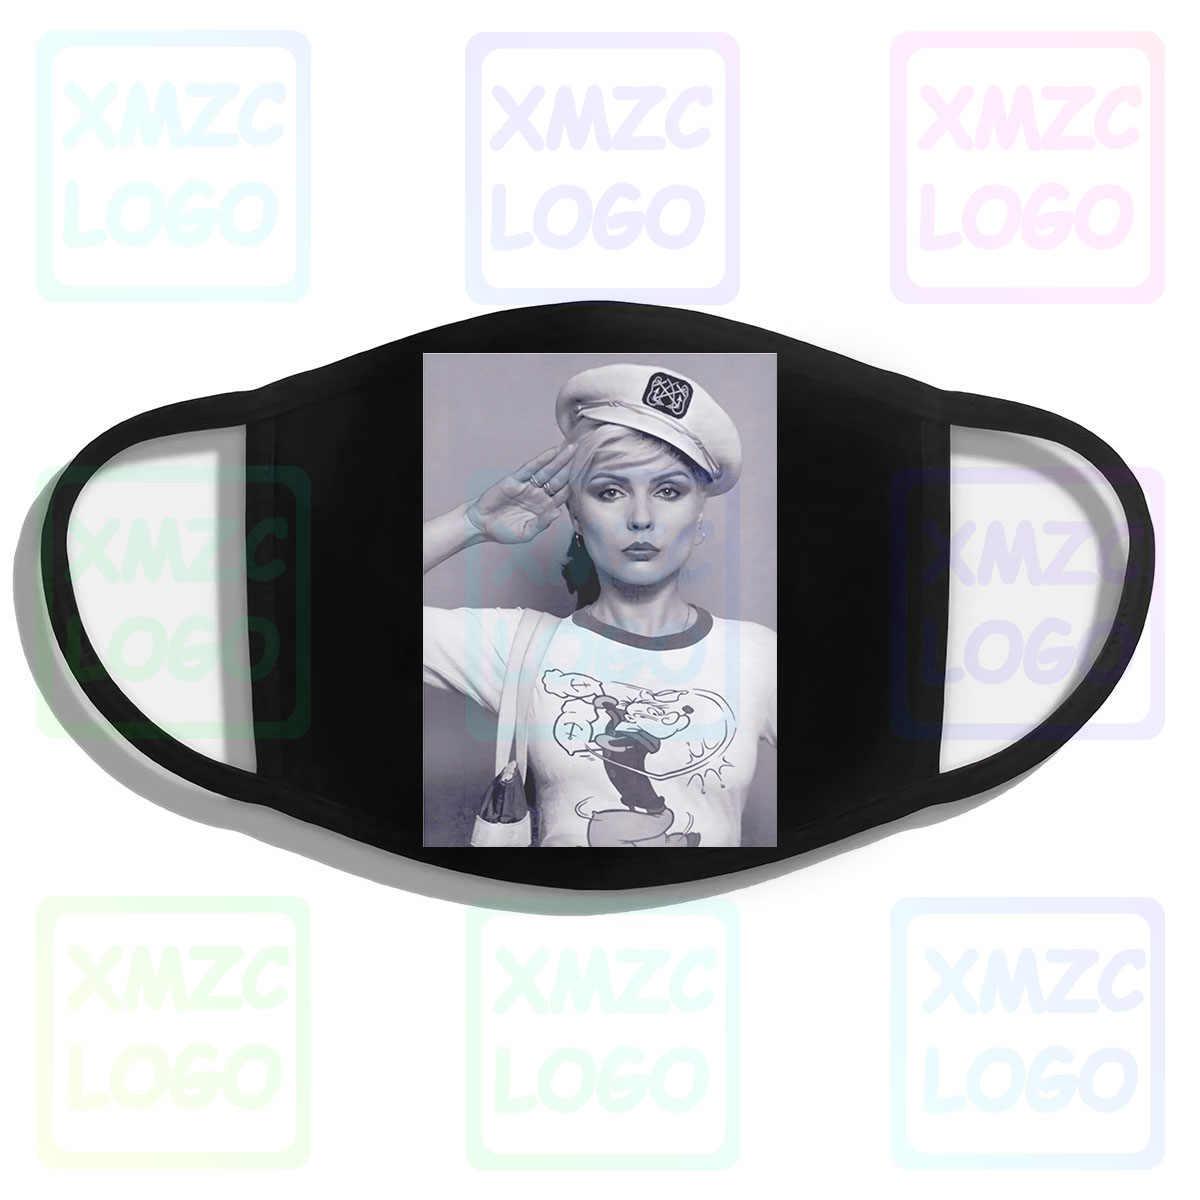 Robocop Ocp классический логотип фильма t-маска принт Ed209 Ретро винтажный Оригинальный дизайн для женщин и мужчин